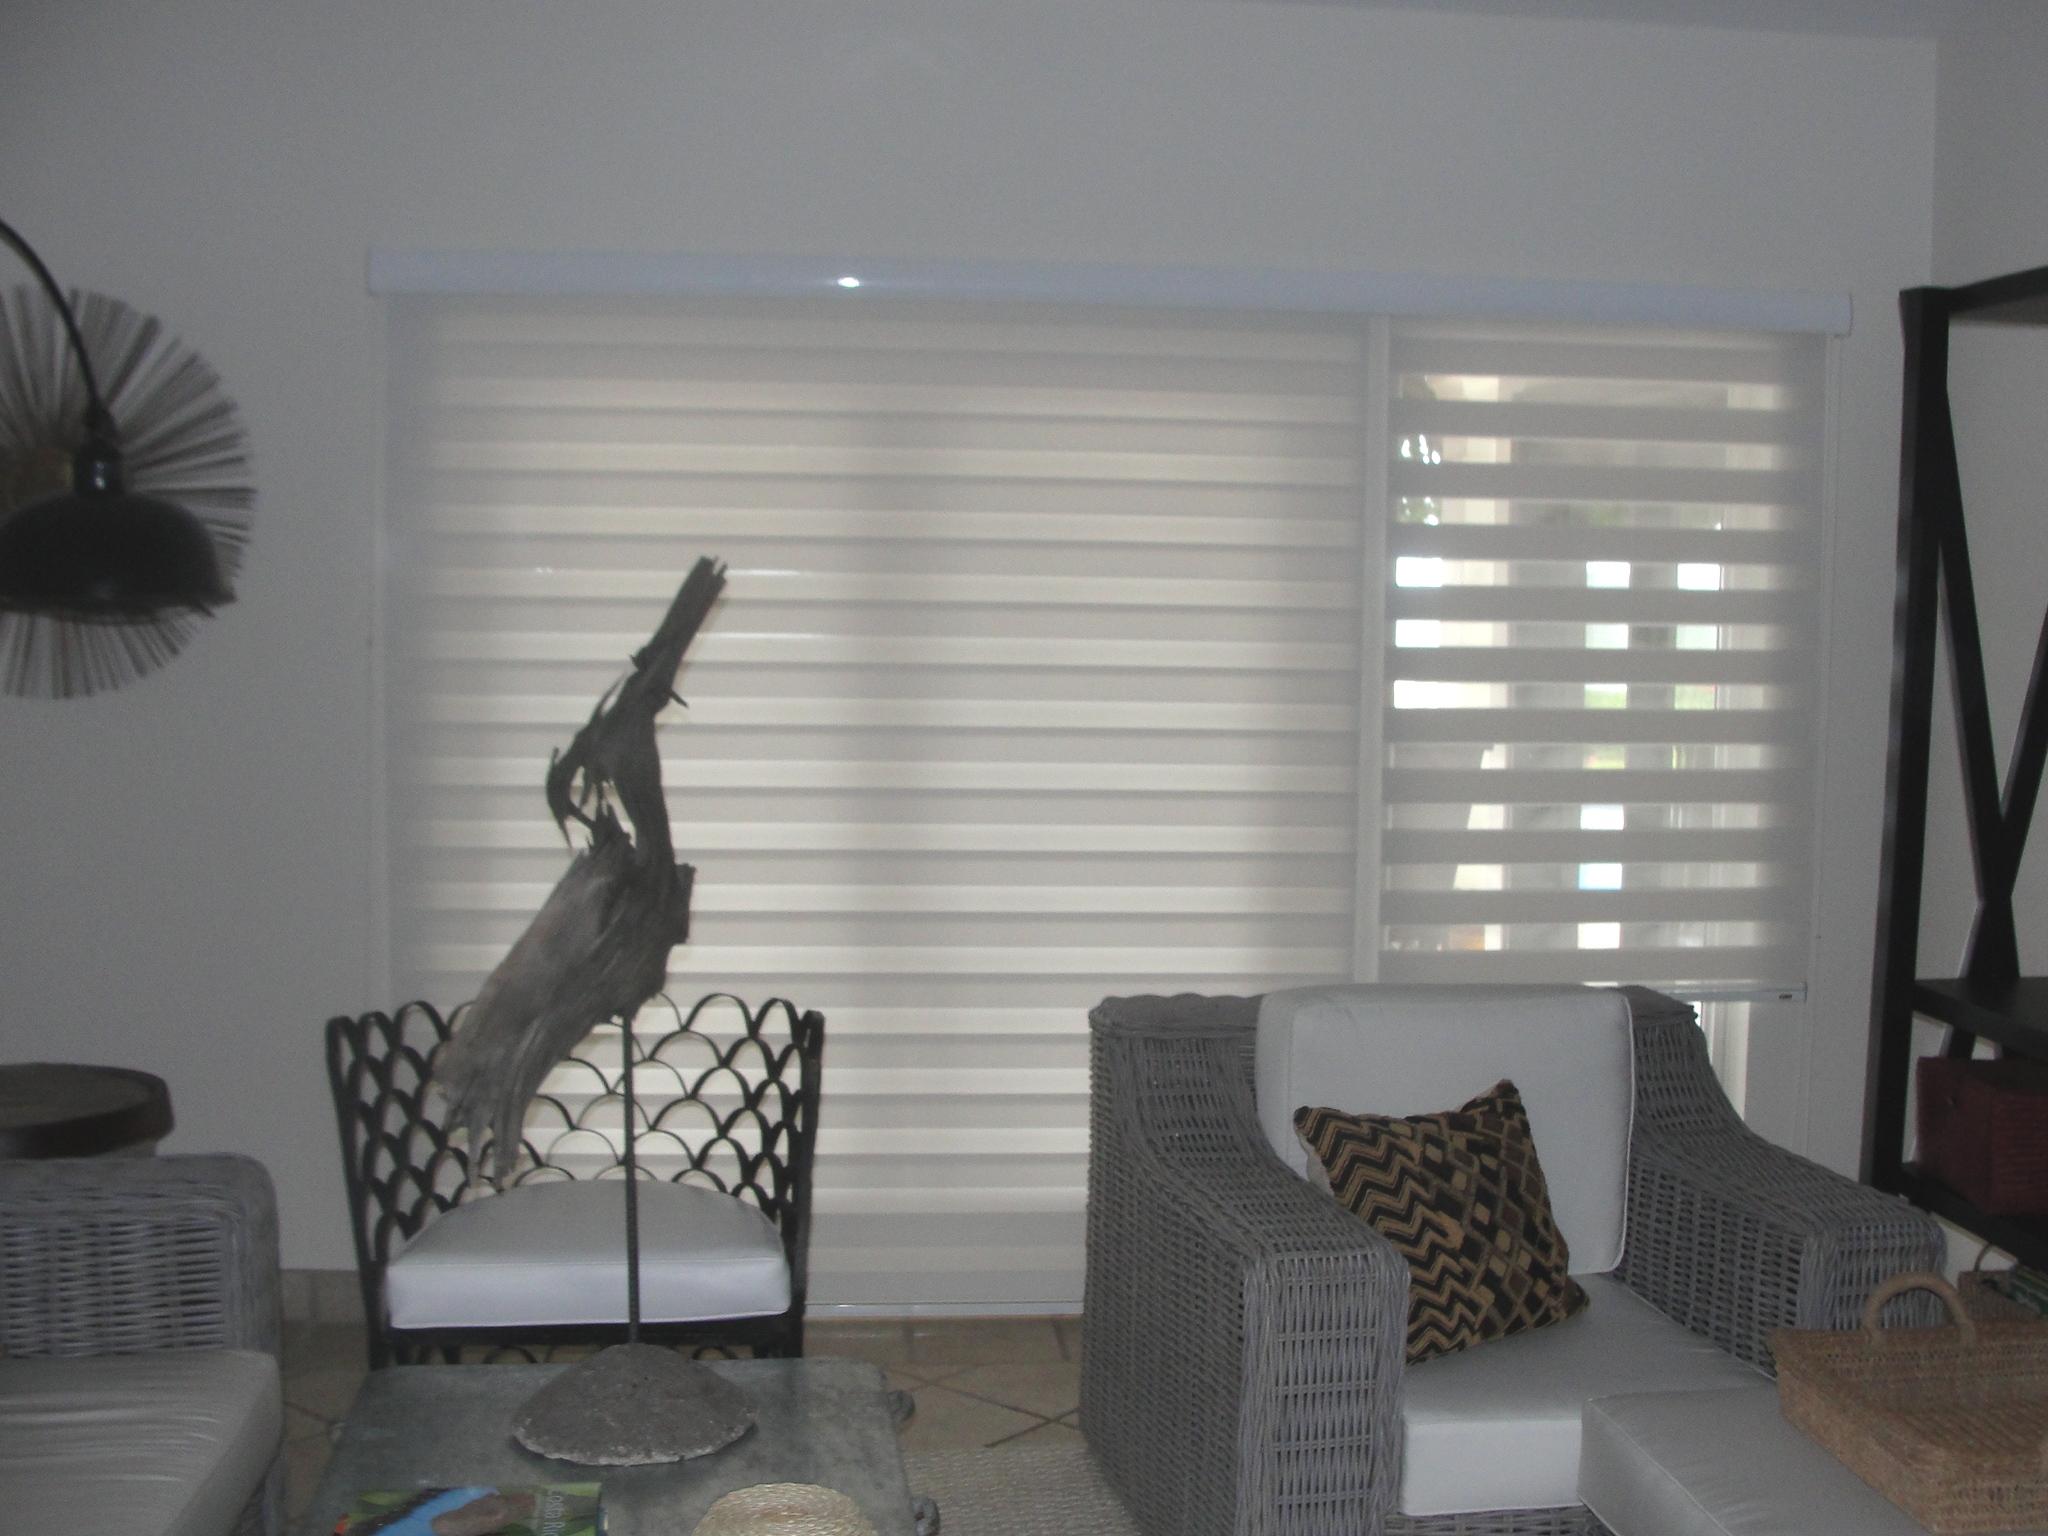 Double Roller Costa Rica Furniture - Custom Made Furniture